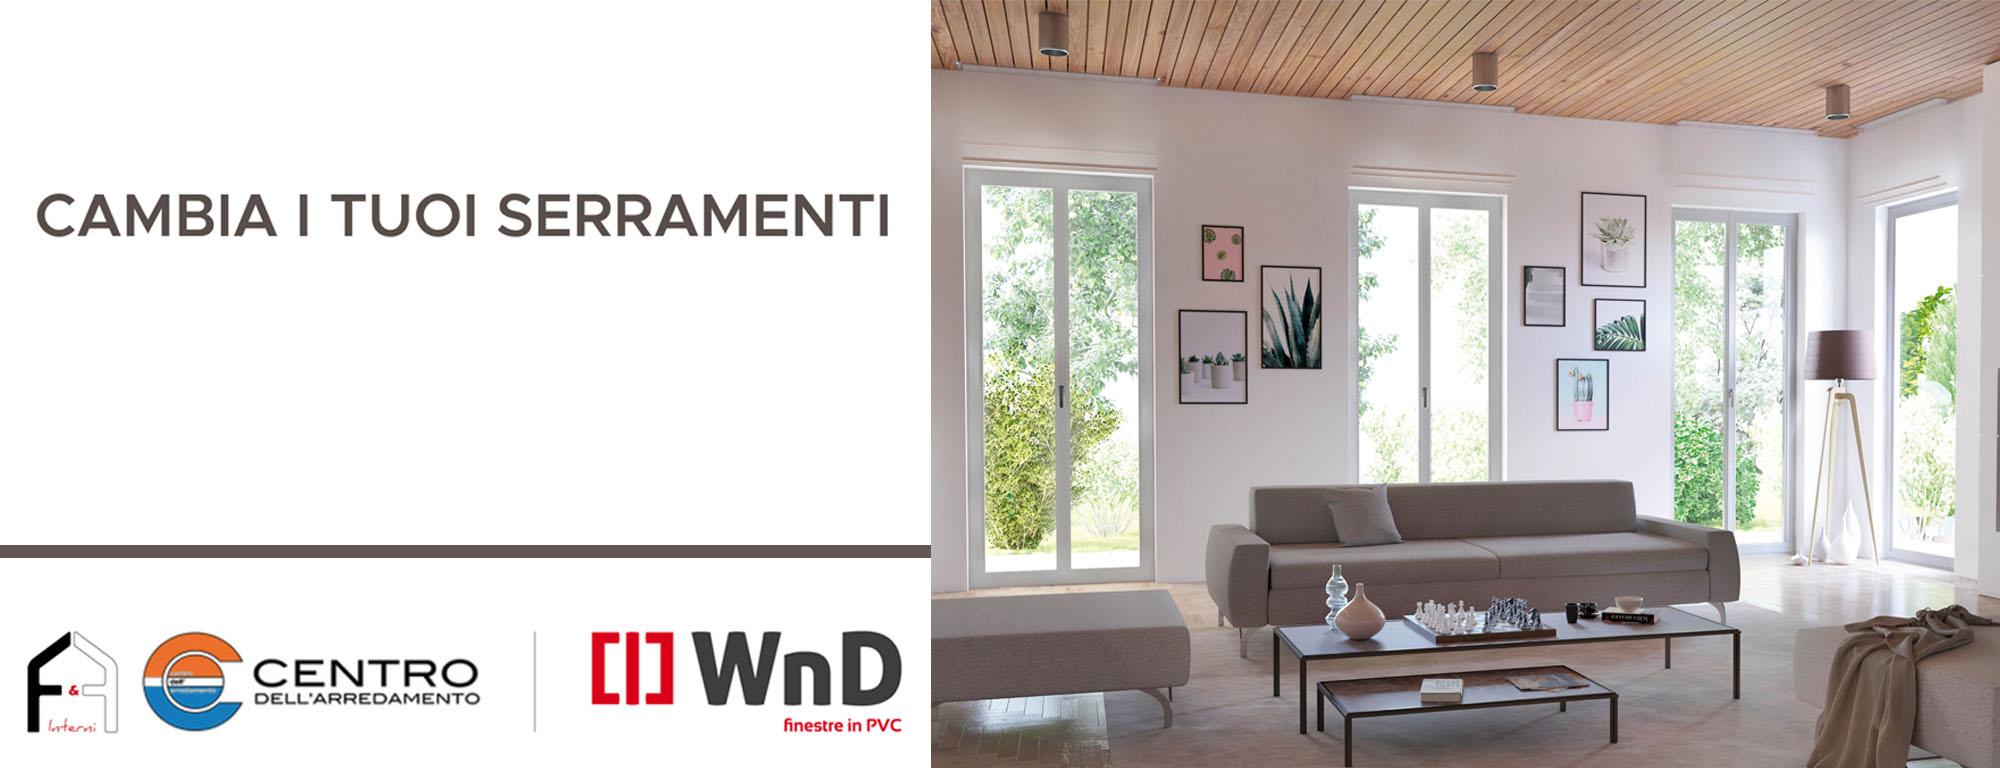 Centro dell\'Arredamento di Savona la tua casa a 360° - Centro Dell ...